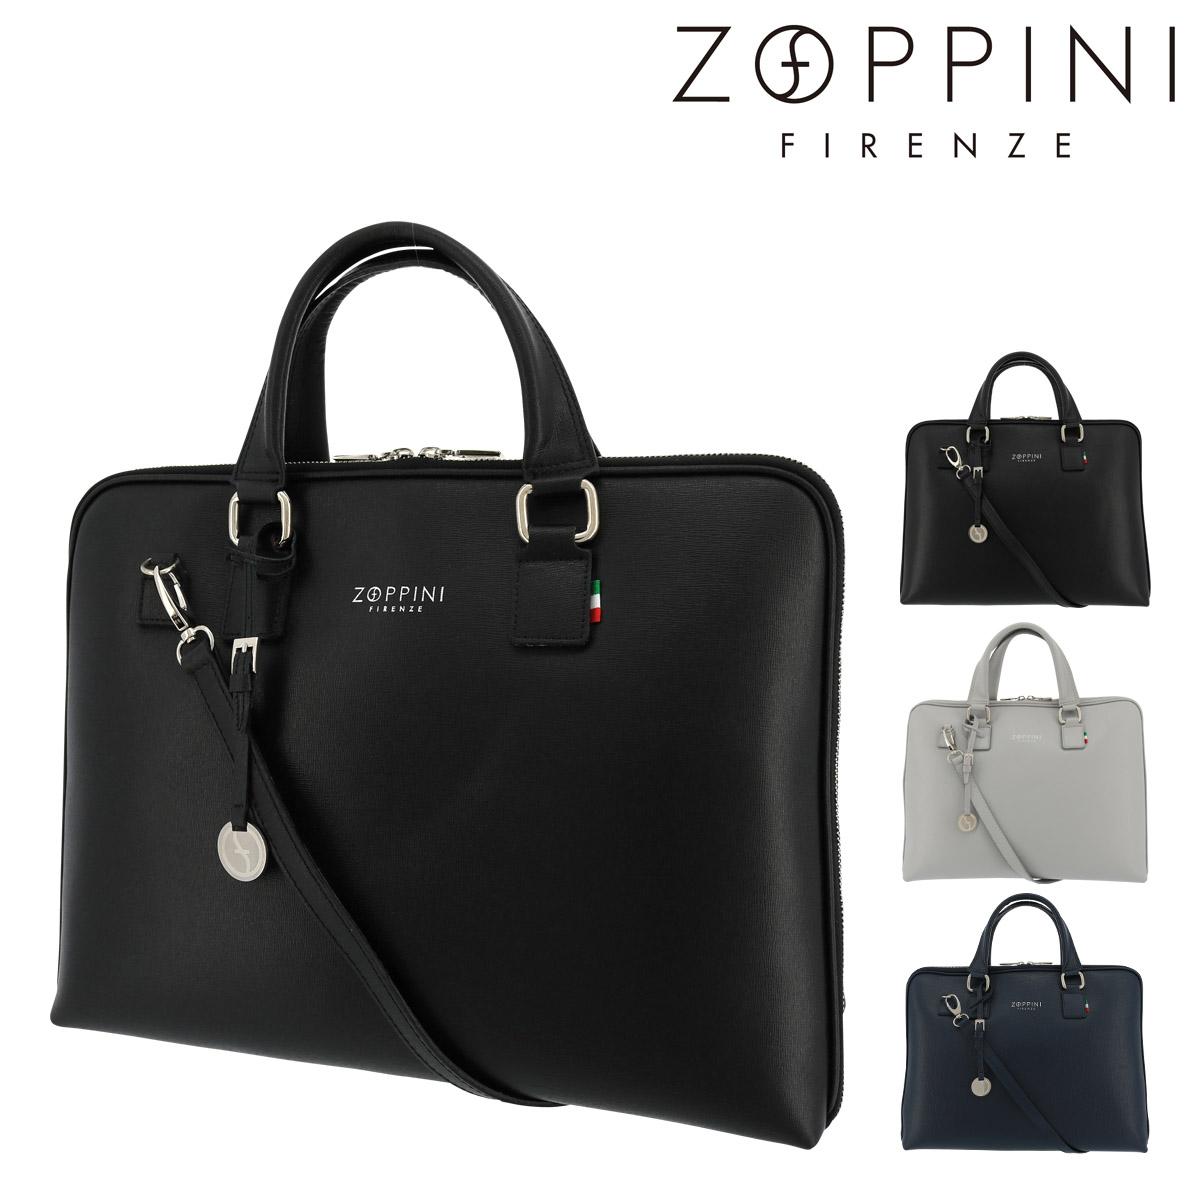 ゾッピーニ ブリーフケース 2WAY A4 メンズ50001 イタリア製 ZOPPINI | ビジネスバッグ 本革 レザー[bef]